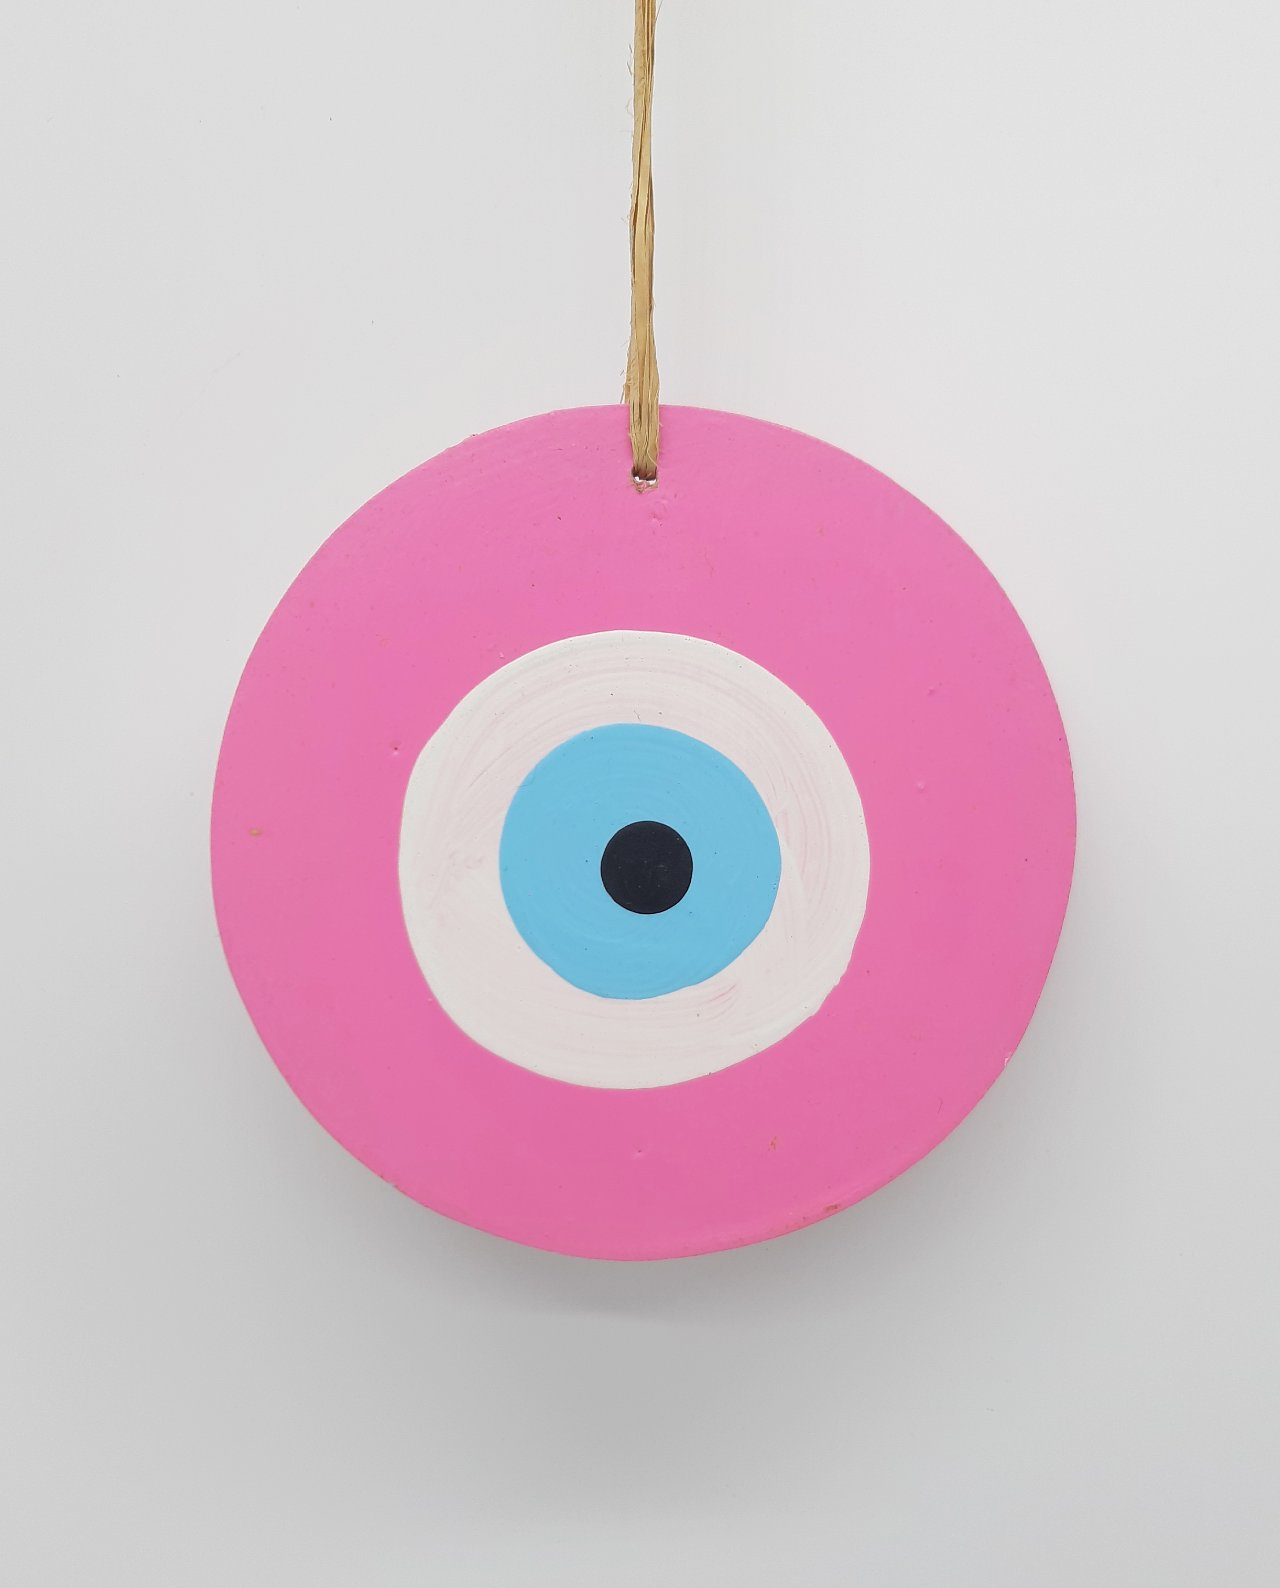 Ματάκι Ξύλινο Χειροποίητο Διαμέτρου 13 cm χρώμα ροζ